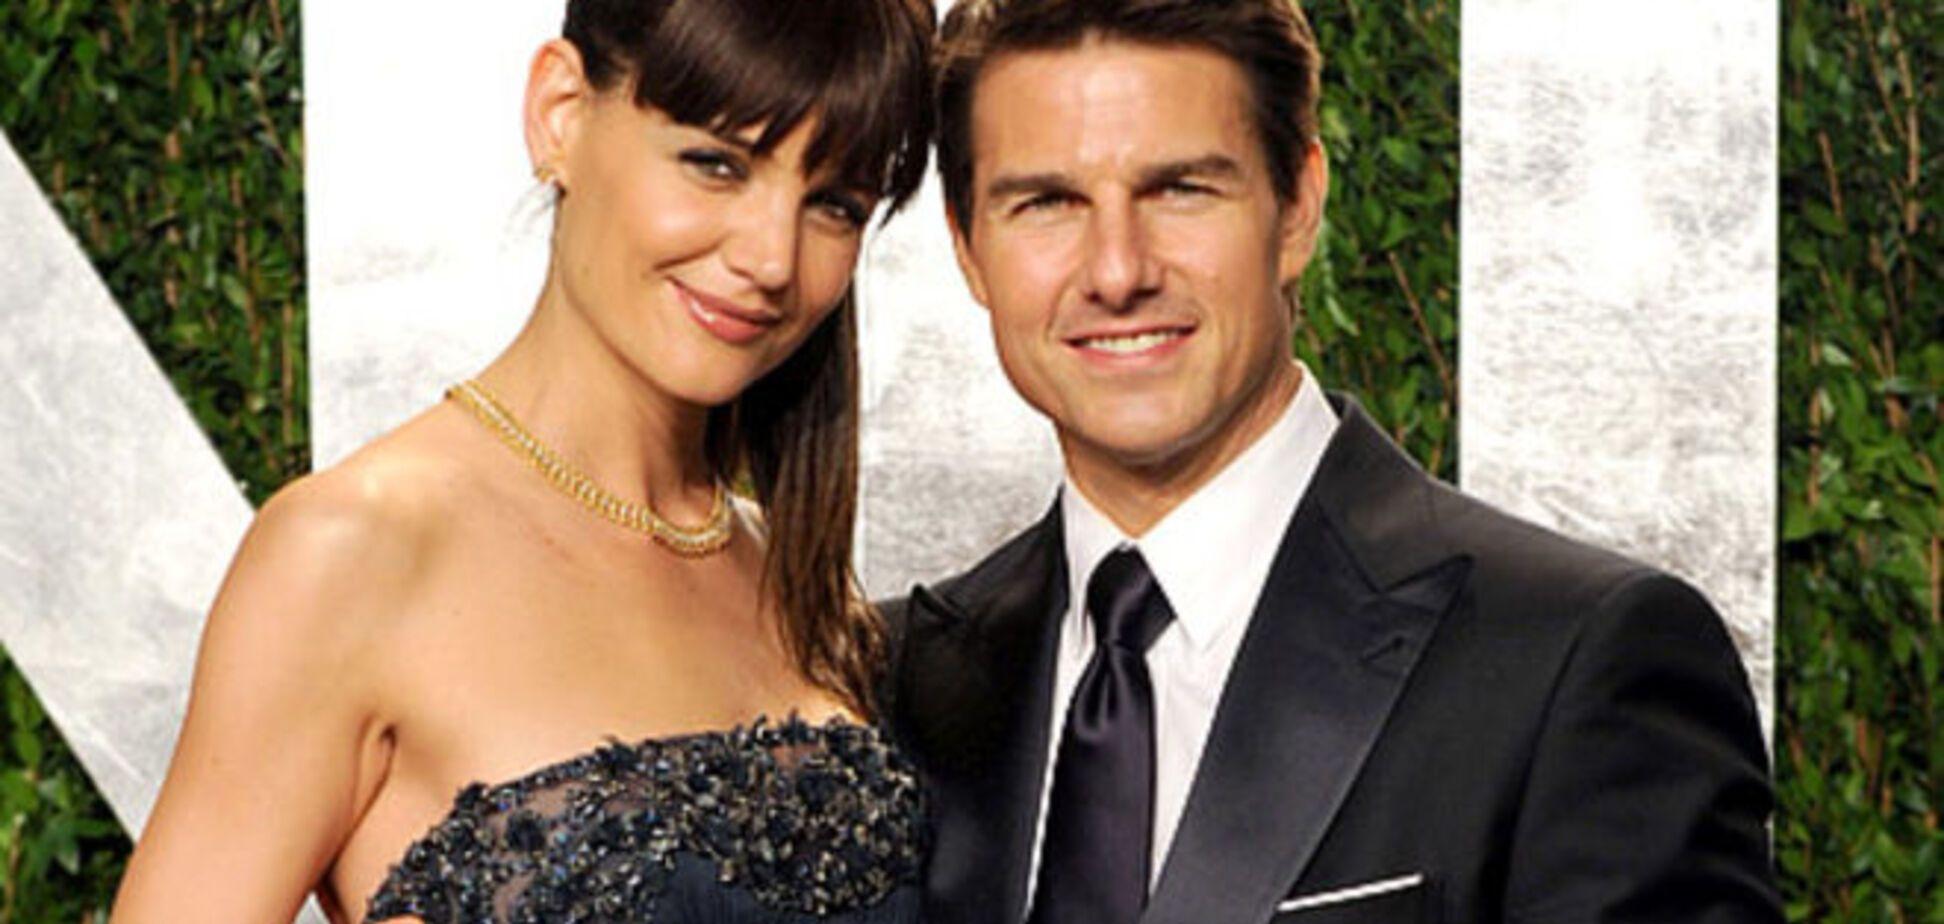 Что звезды прописывают в своих брачных контрактах: чтиво о каббале и $5 млн за измену